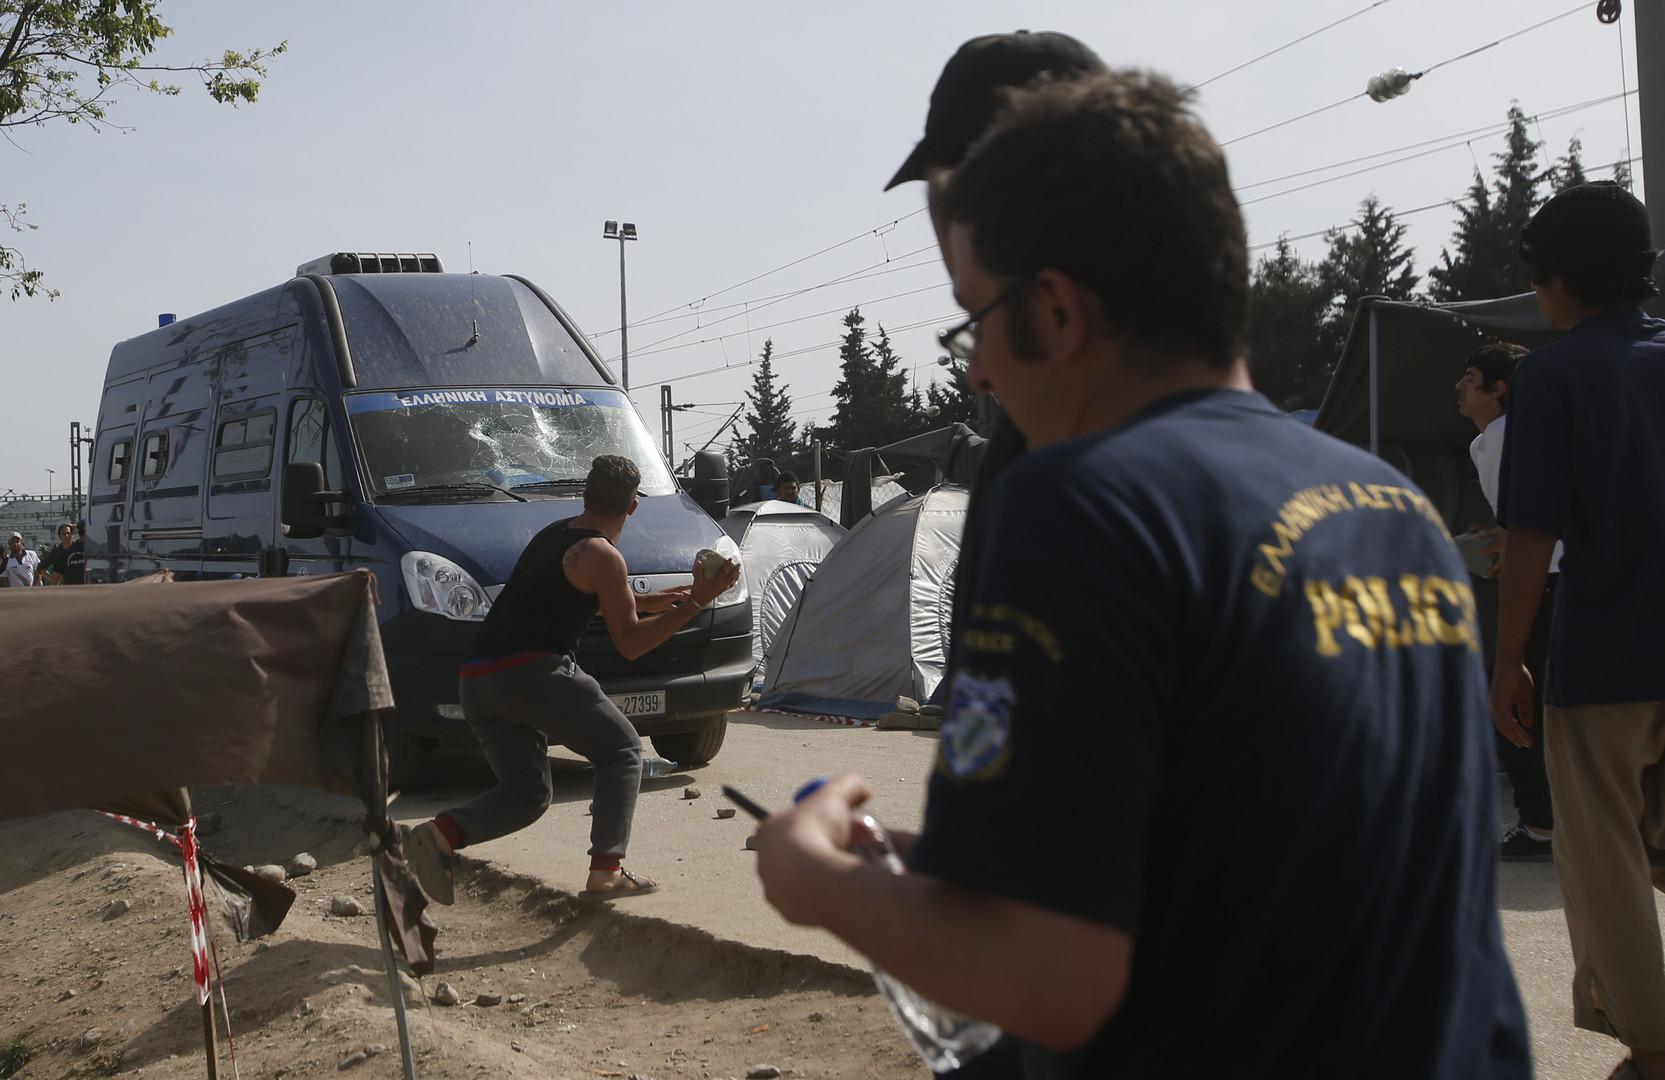 La police grecque percute et tue un réfugié dans un camp (PHOTO, VIDEO)